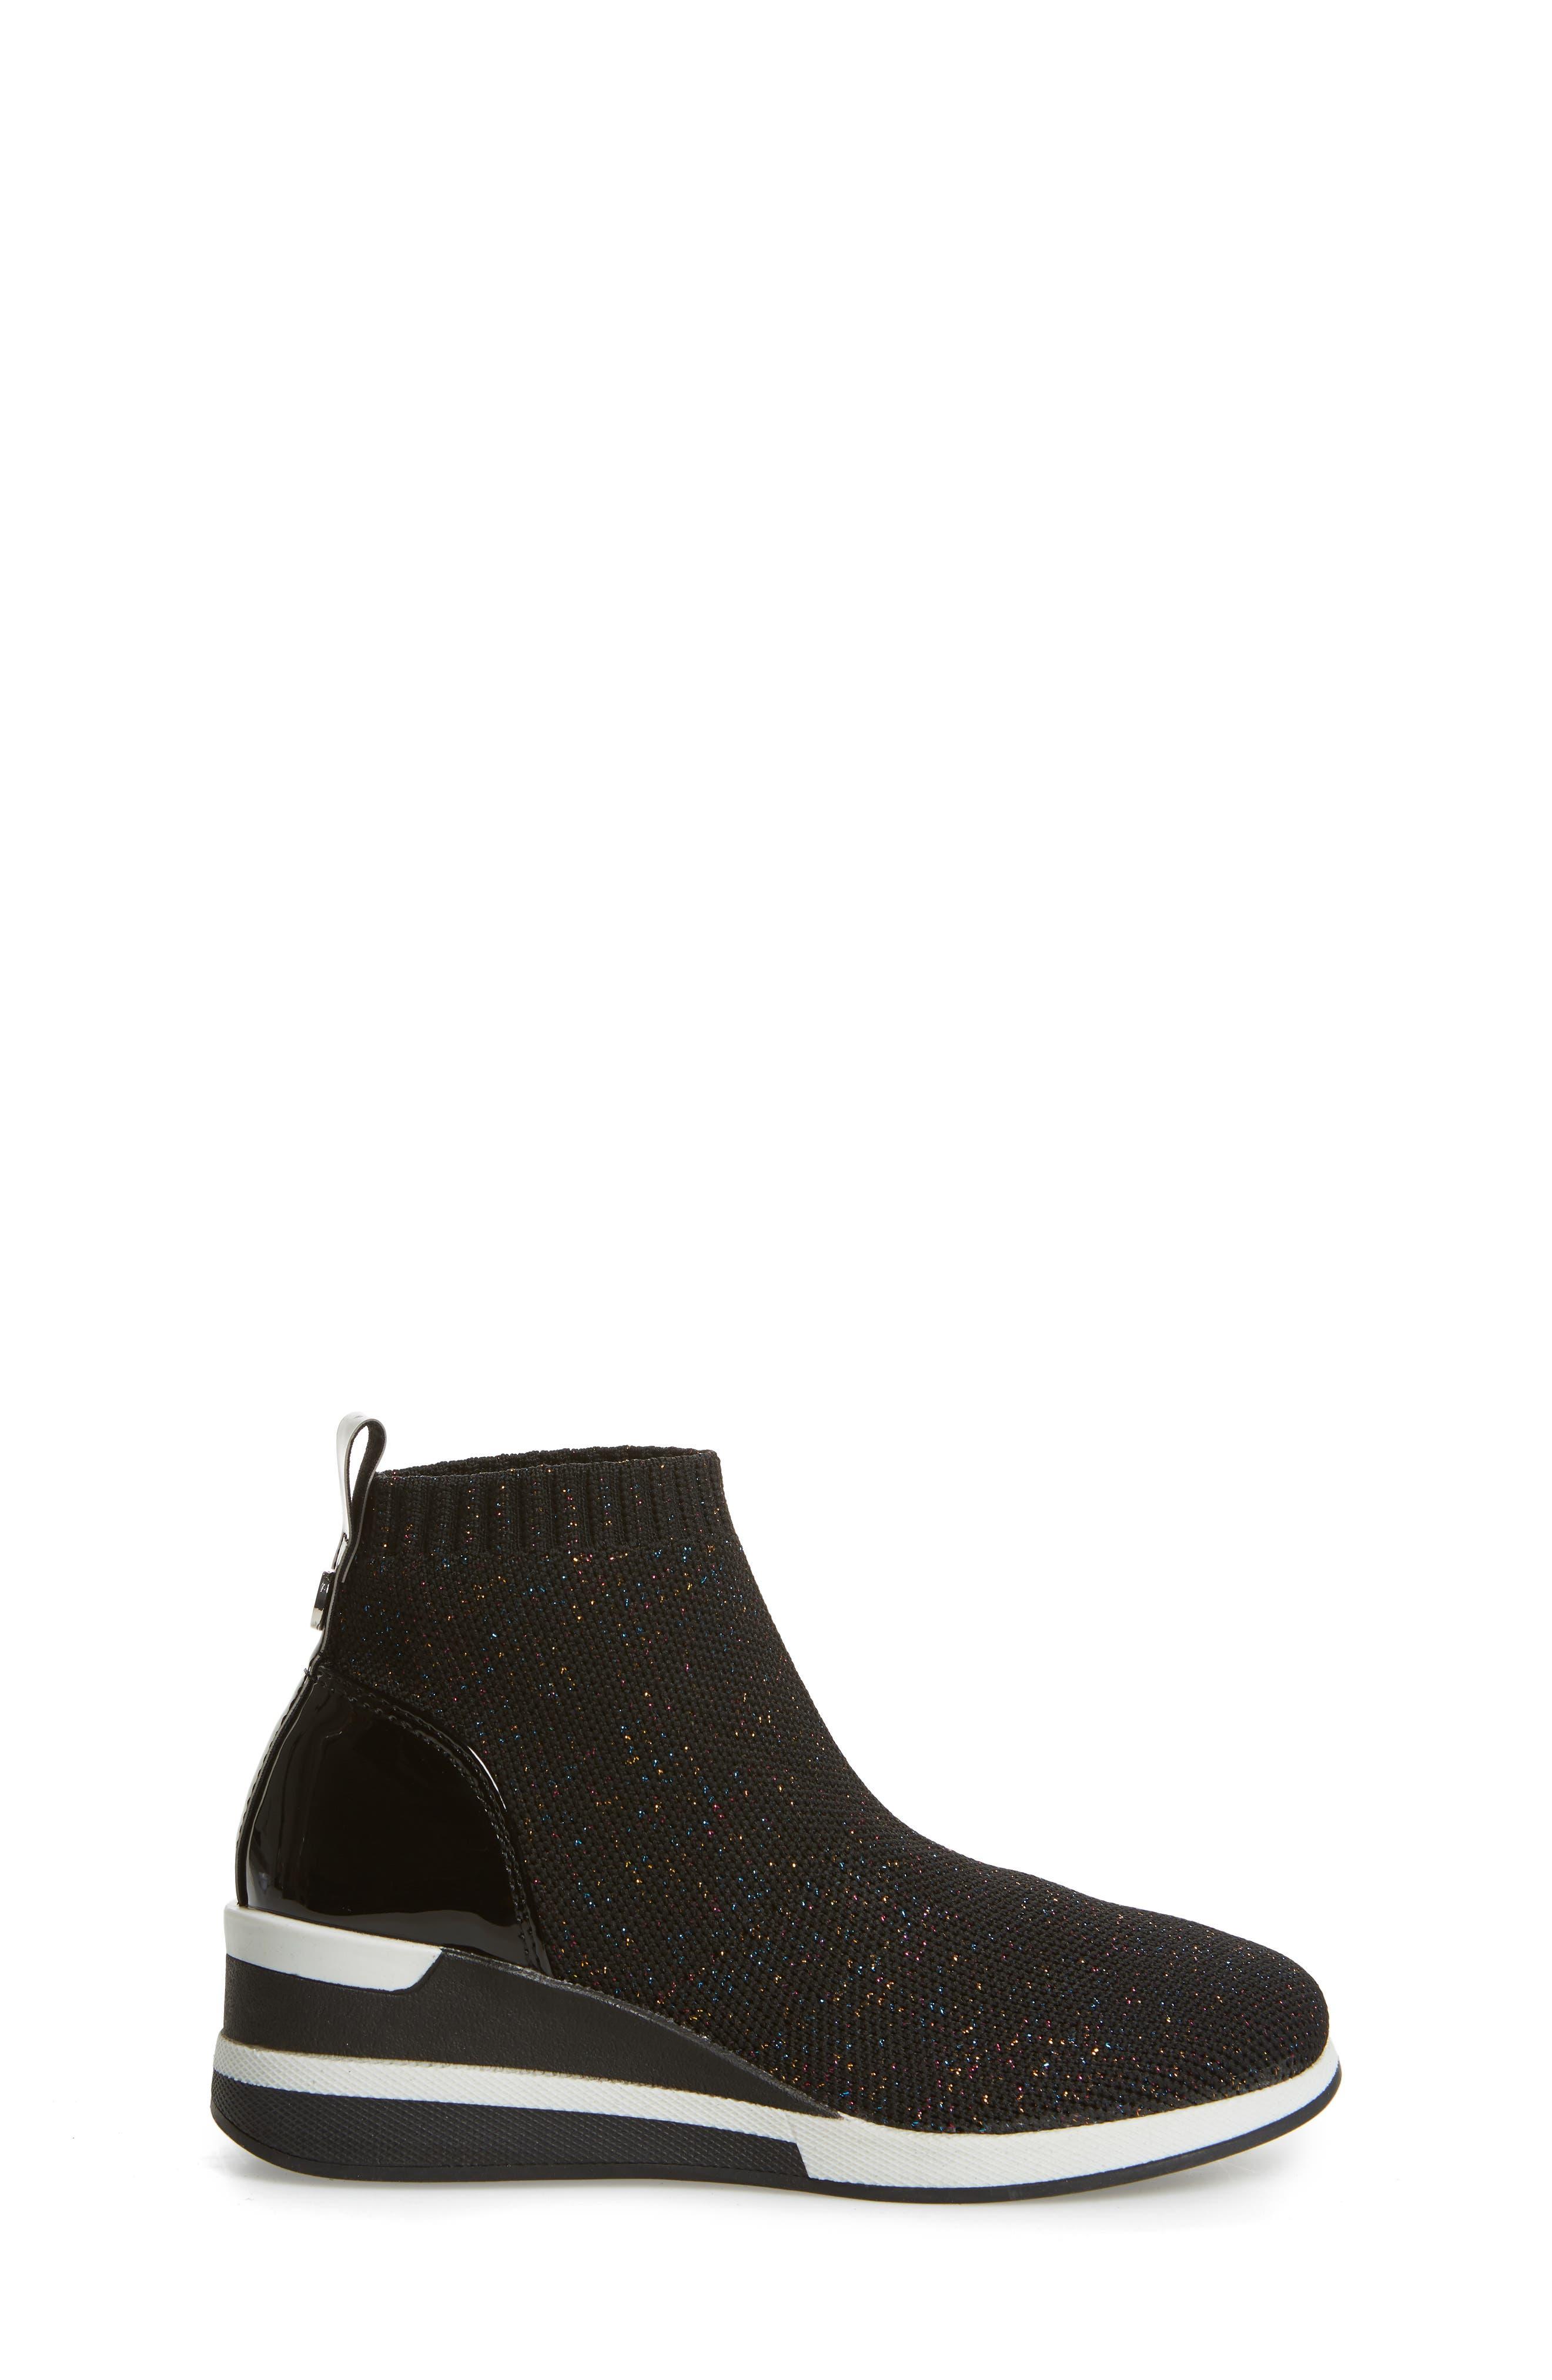 STEVE MADDEN,                             Dusky Metallic High Top Wedge Sock Sneaker,                             Alternate thumbnail 3, color,                             BLACK MULTI